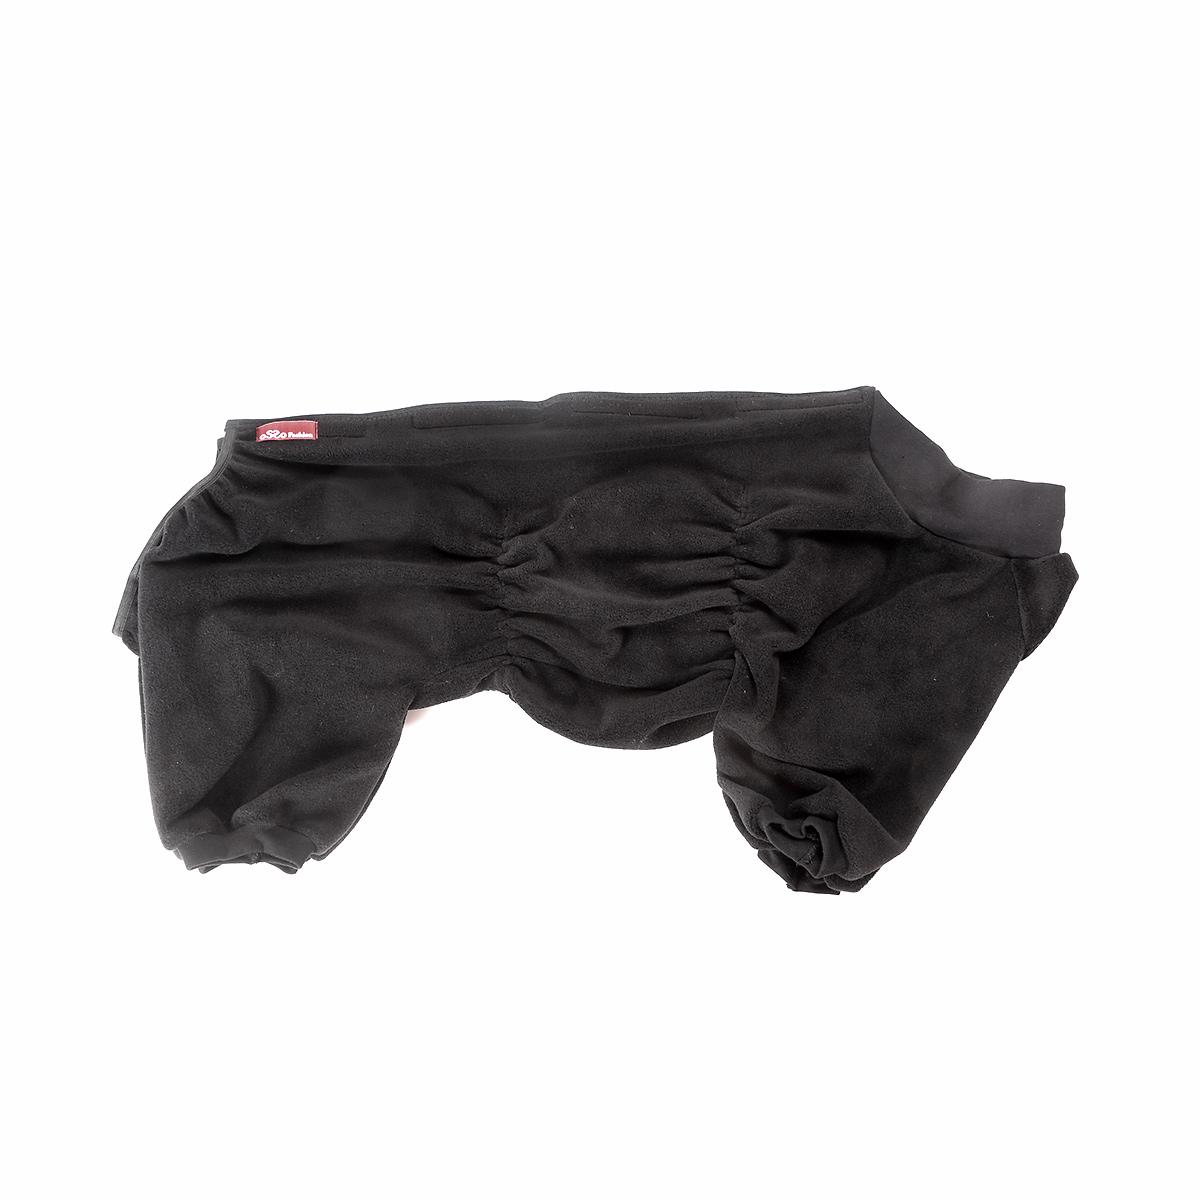 Комбинезон для собак OSSO Fashion, для мальчика, цвет: графит. Размер 40Кф-1014Комбинезон для собак OSSO Fashion выполнен из флиса. Комфортная посадка по корпусу достигается за счет резинок-утяжек под грудью и животом. На воротнике имеются завязки, для дополнительной фиксации. Можно носить самостоятельно и как поддевку под комбинезон для собак. Изделие отлично стирается, быстро сохнет. Длина спинки: 40 см. Объем груди: 52-62 см.